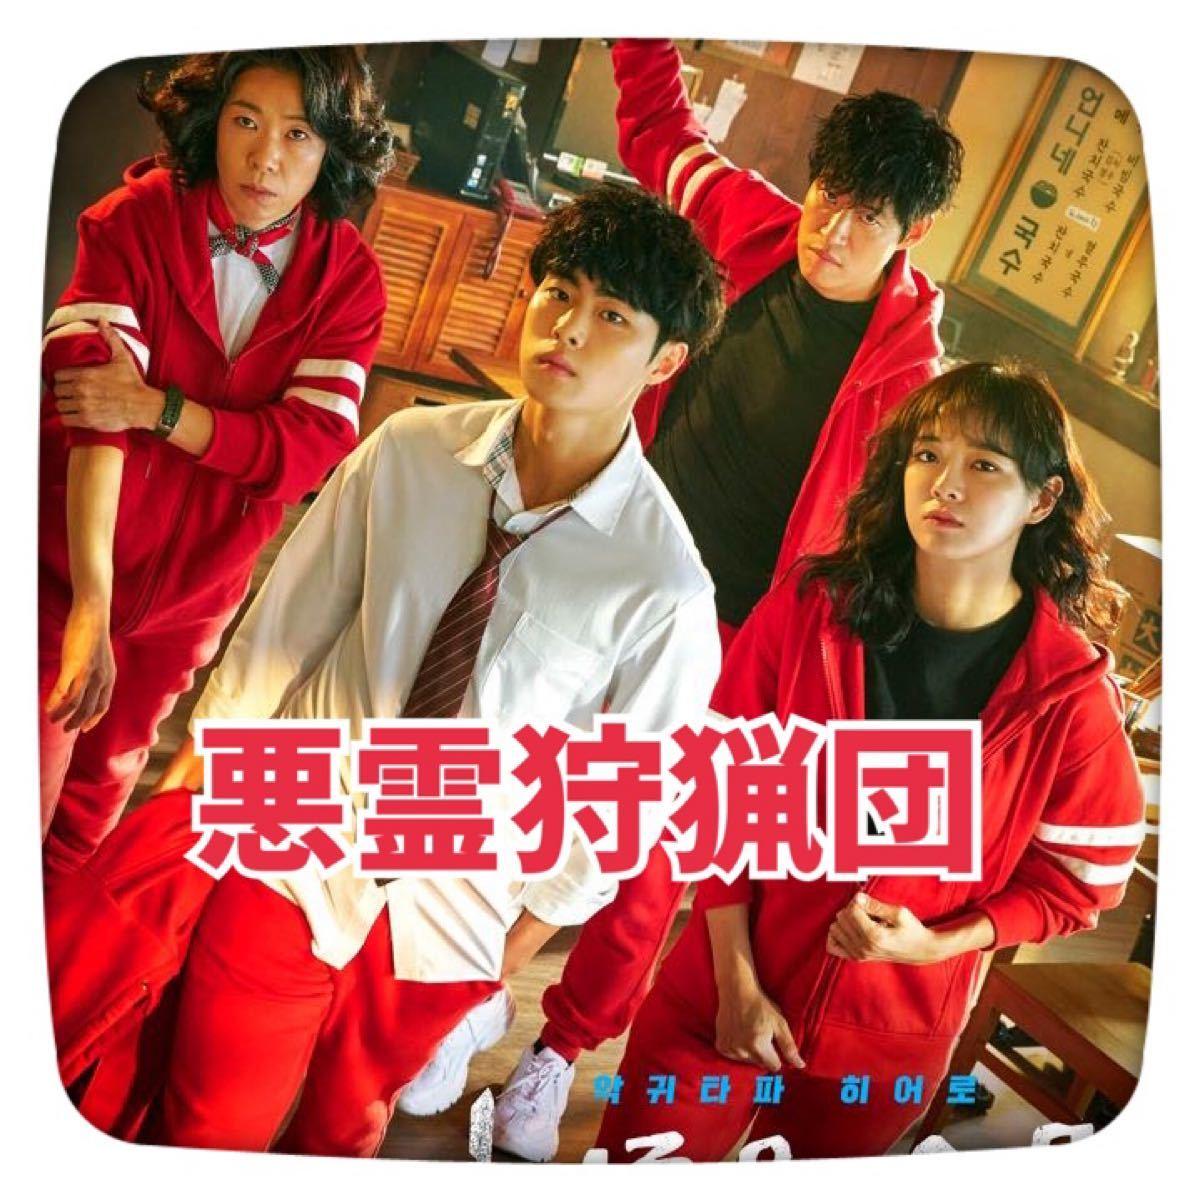 【悪霊狩猟団】Blu-ray 韓国ドラマ 韓流